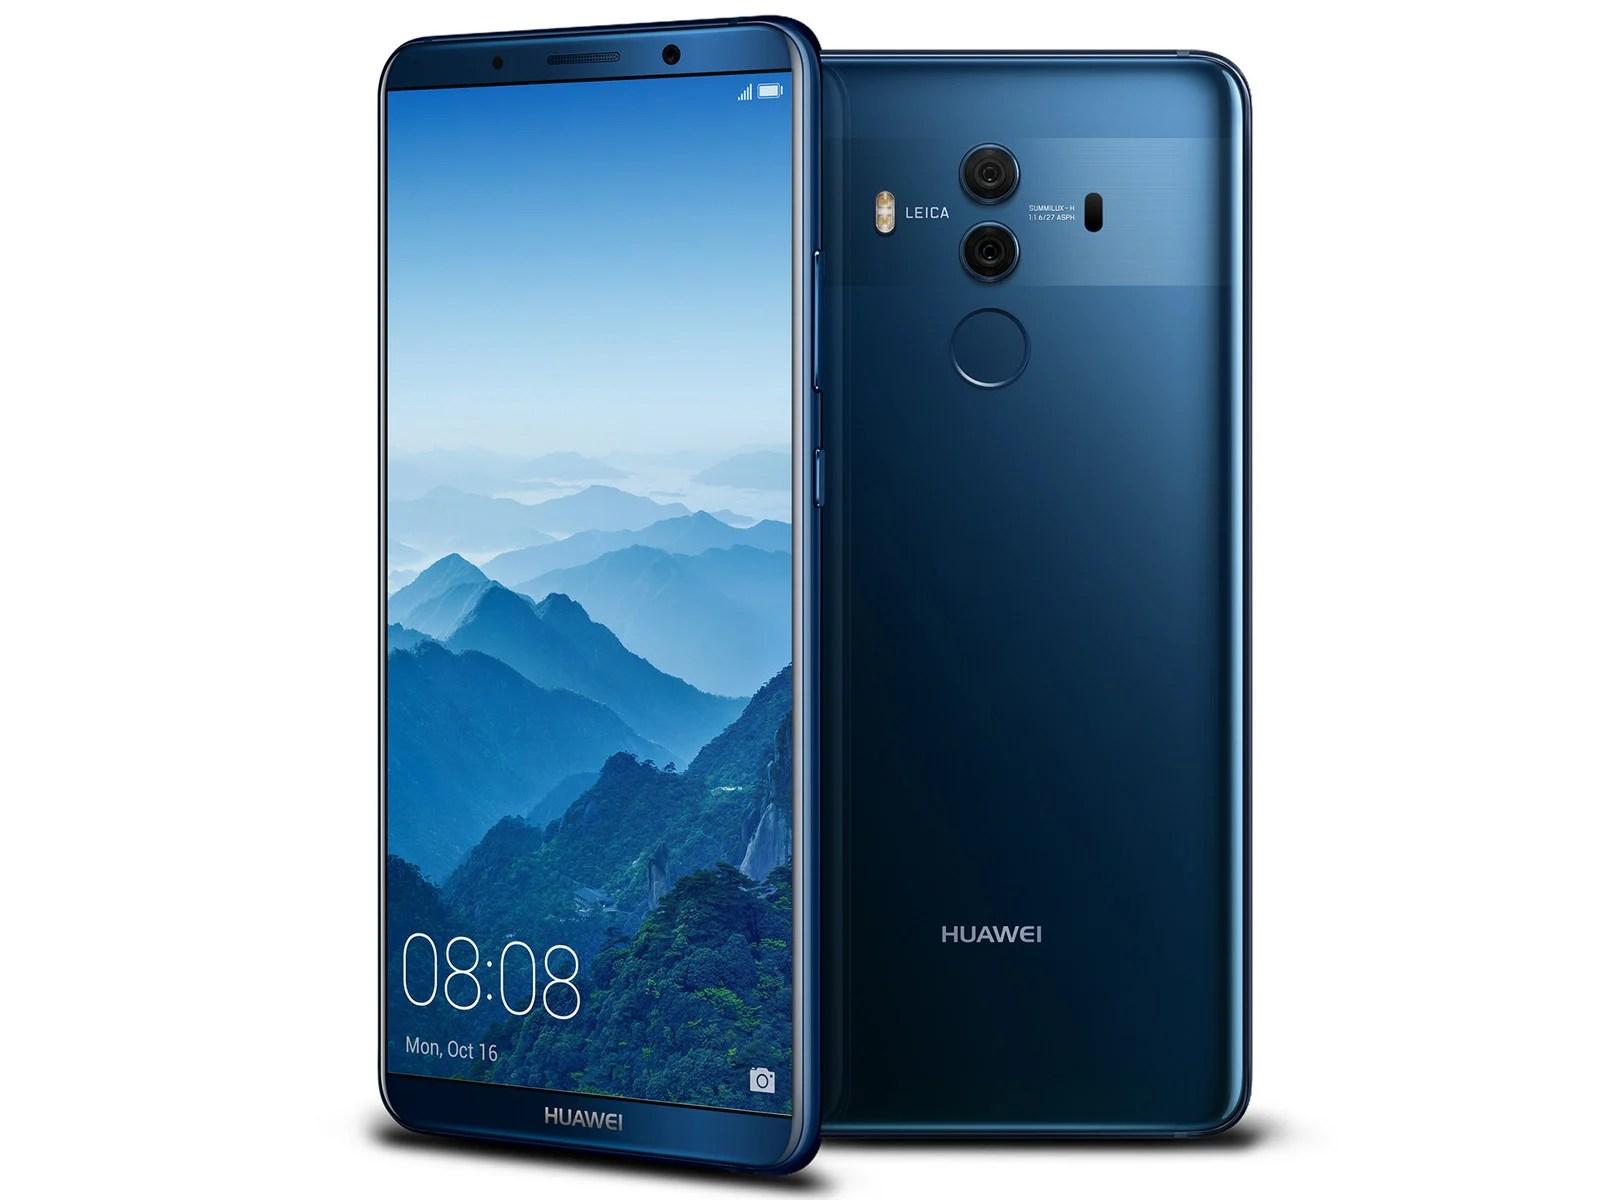 🔥 Prime Day : le Huawei Mate 10 Pro à 449 euros au lieu de 599 euros, la meilleure promotion du jour